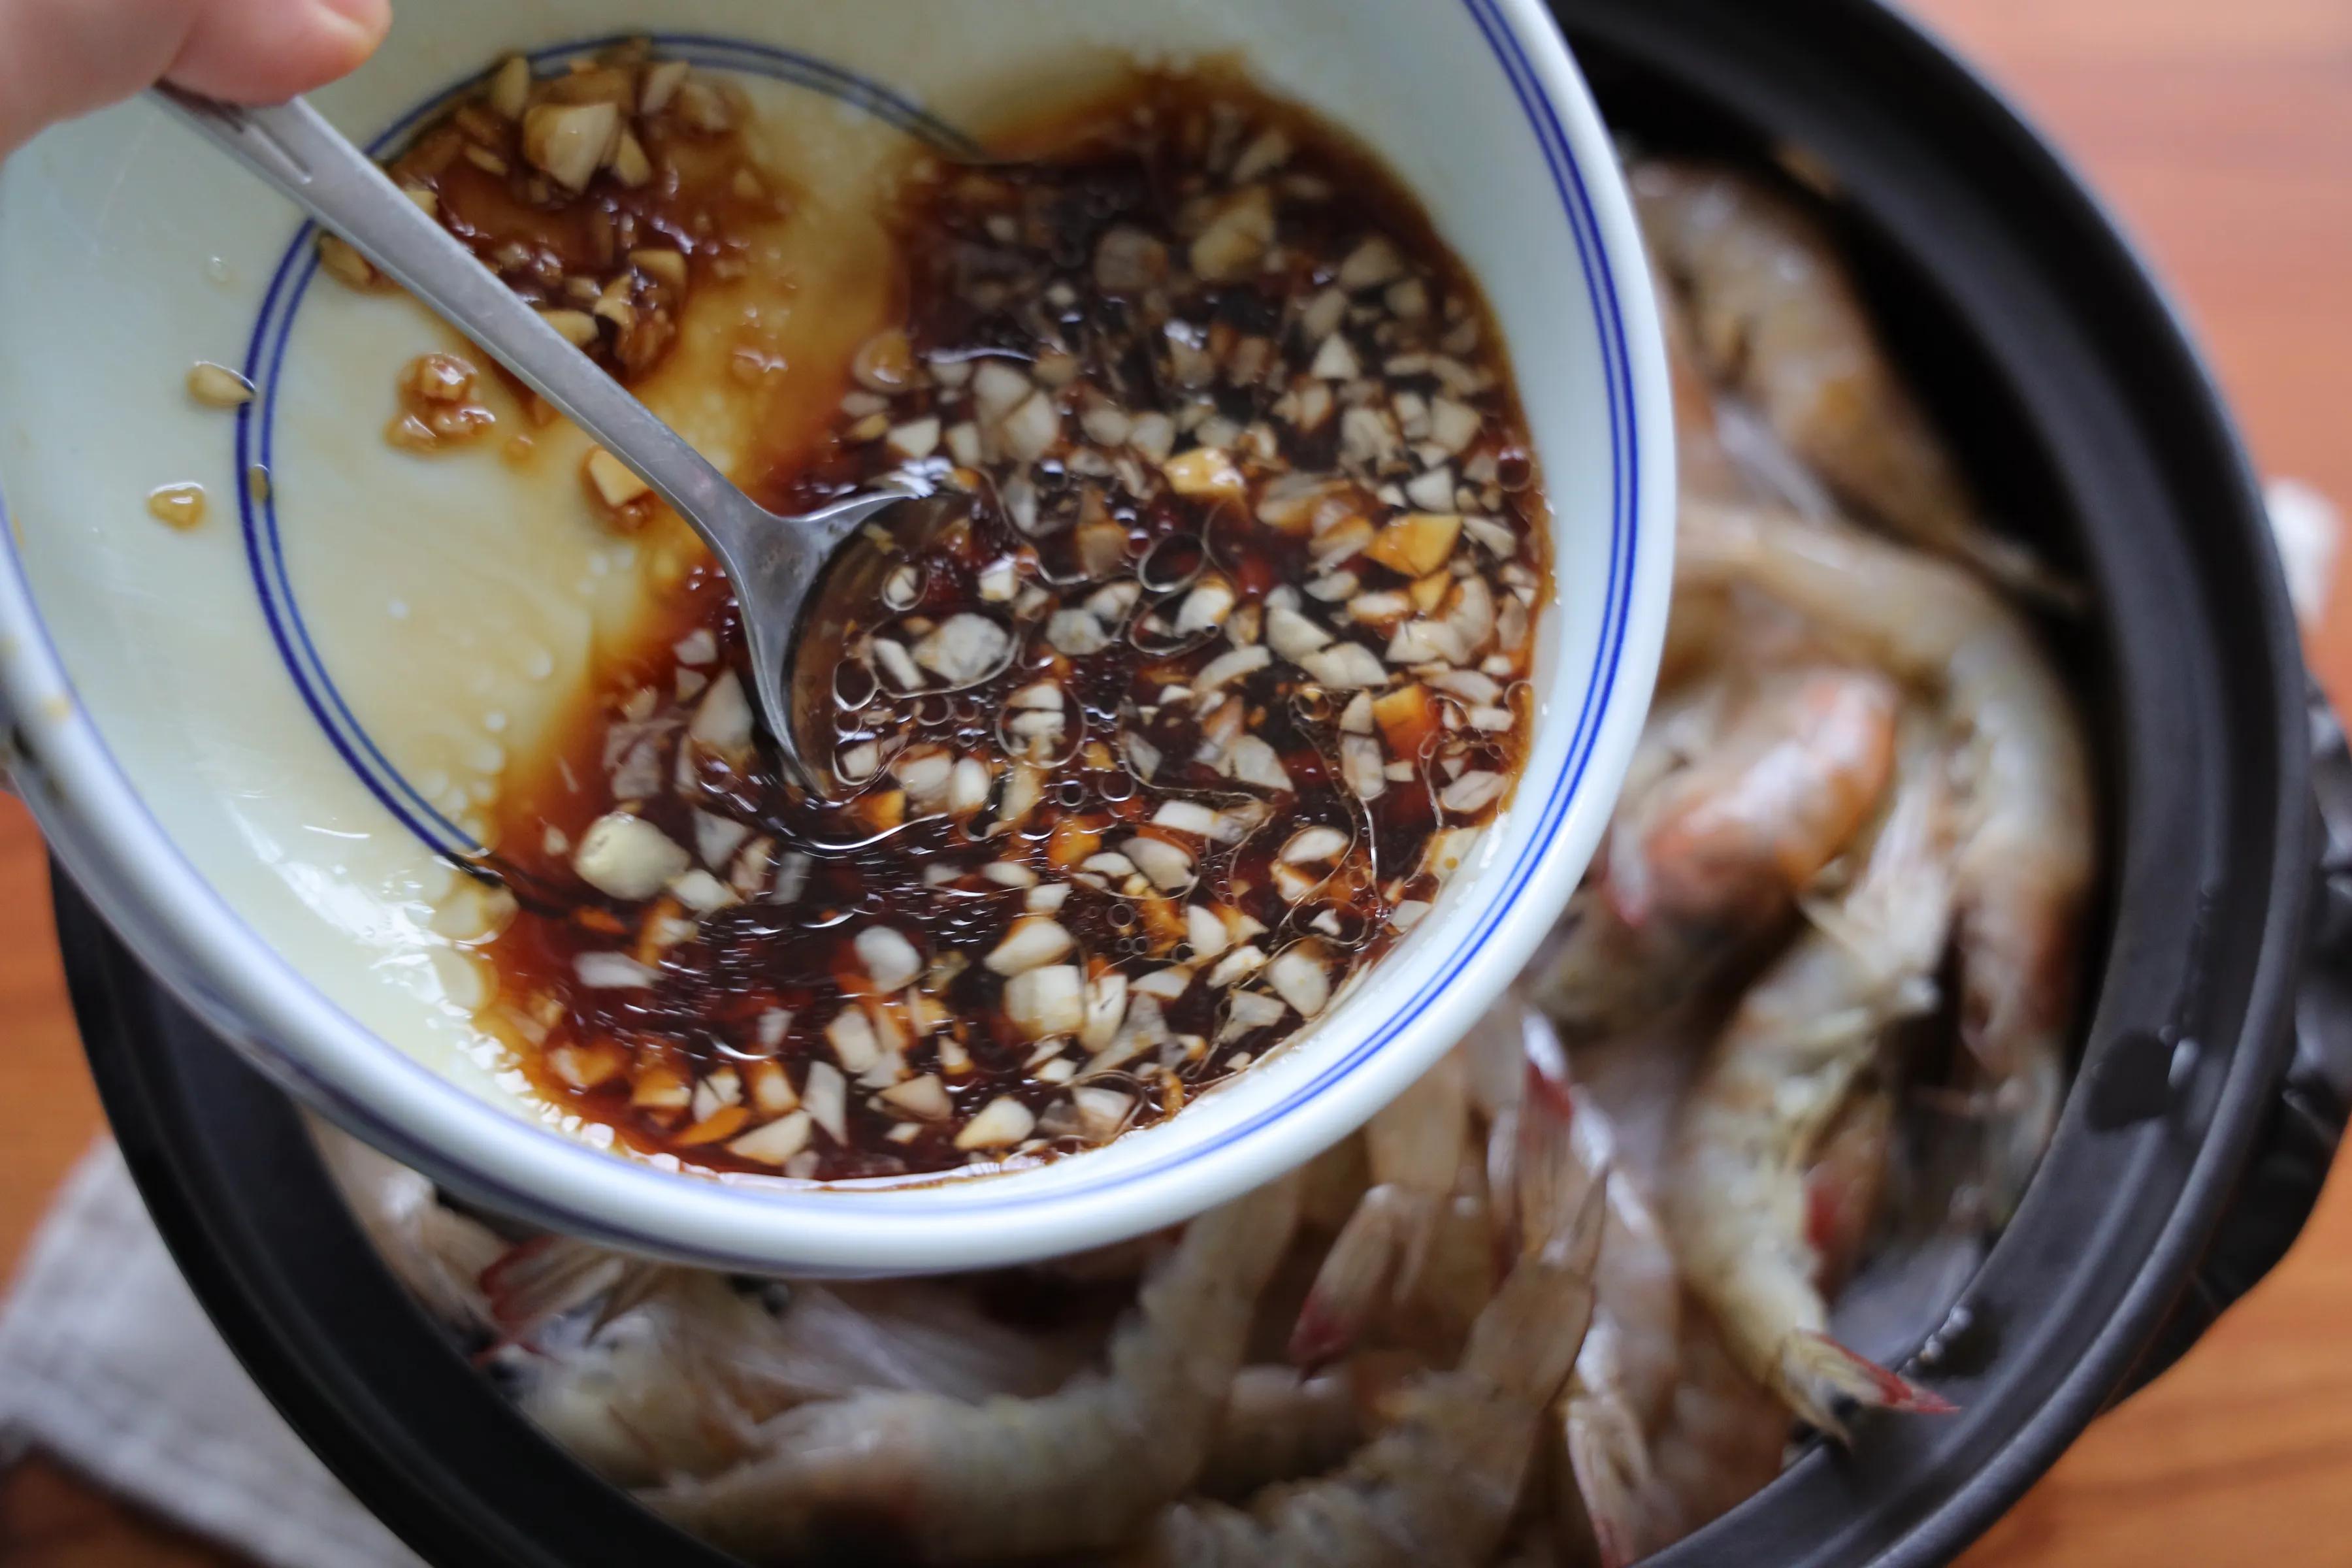 秋天一定要试试这道菜,又鲜又香,超级下饭好吃,做法还超简单